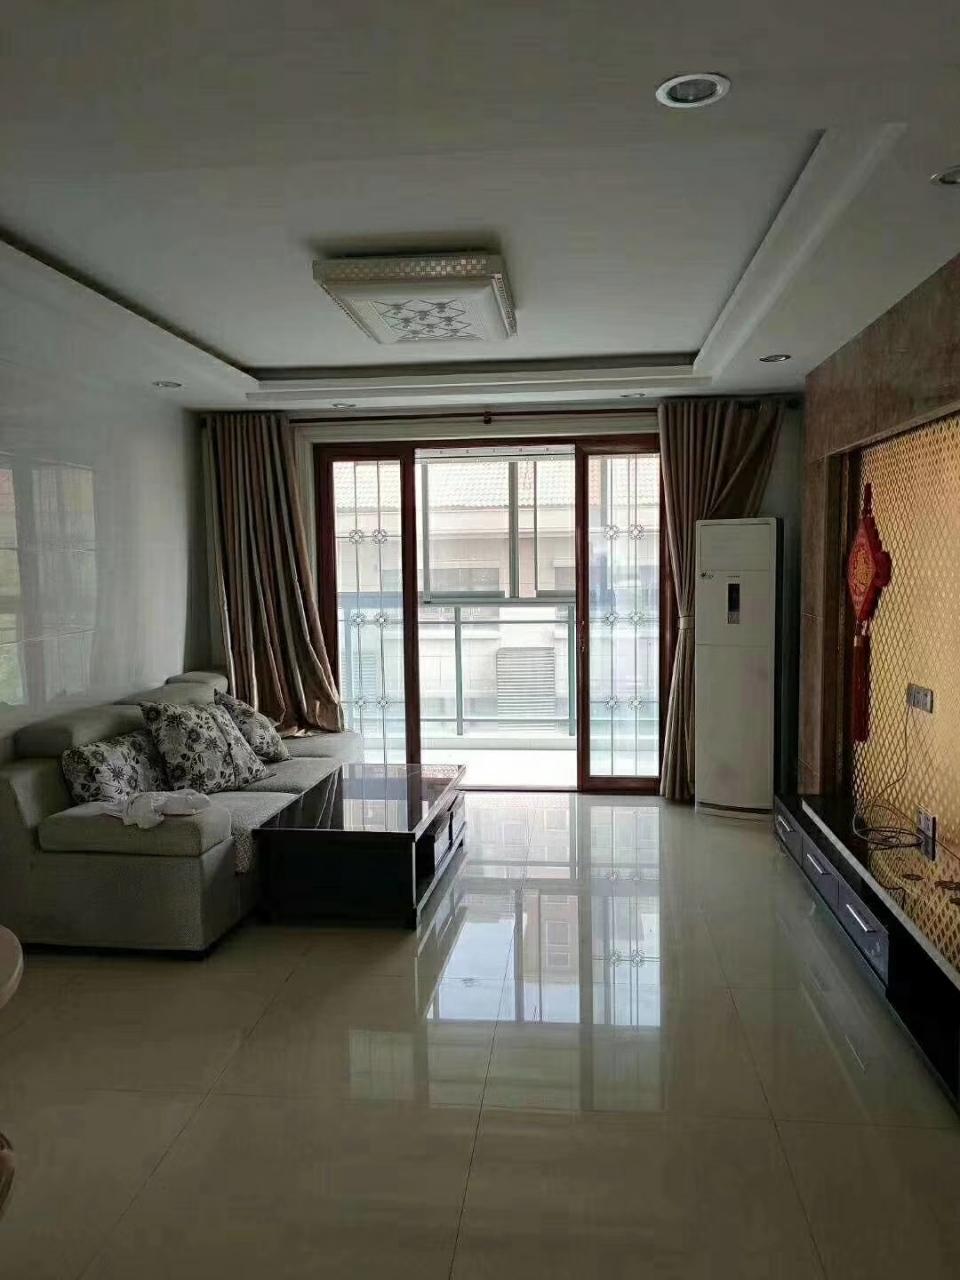 鸣翠山庄3室 2厅 2卫132万元